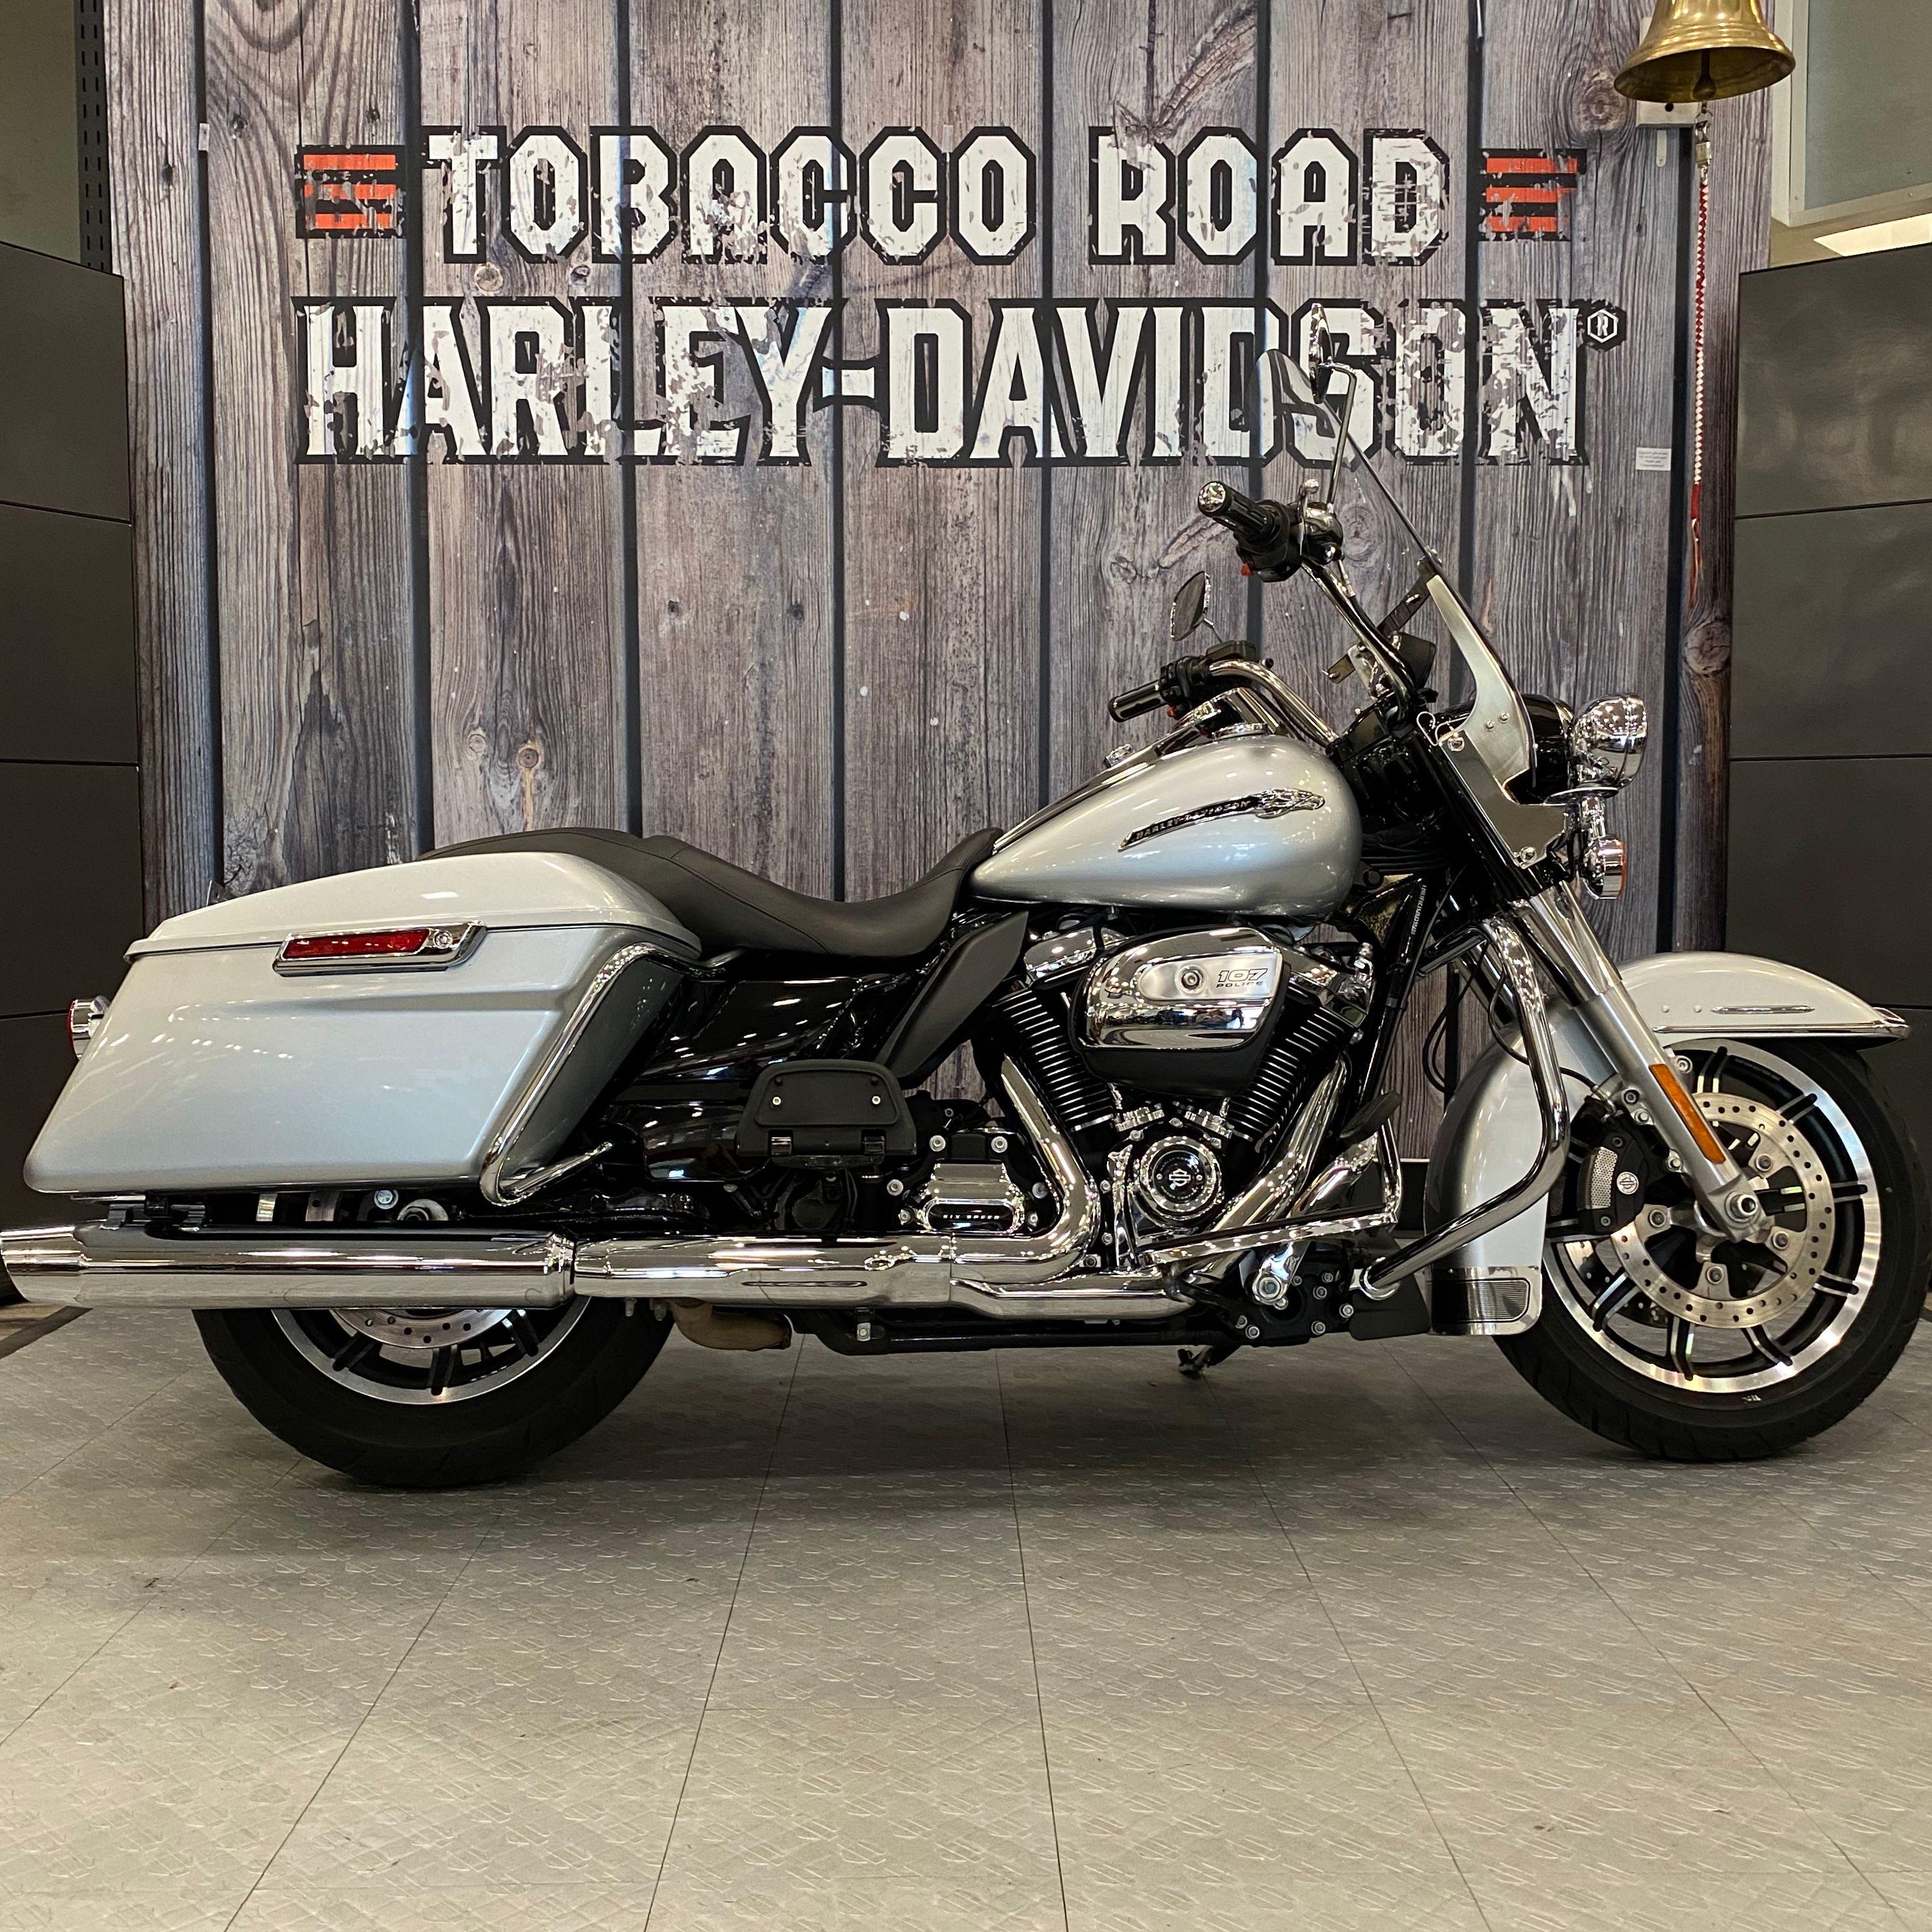 2018 Harley-Davidson Road King Police